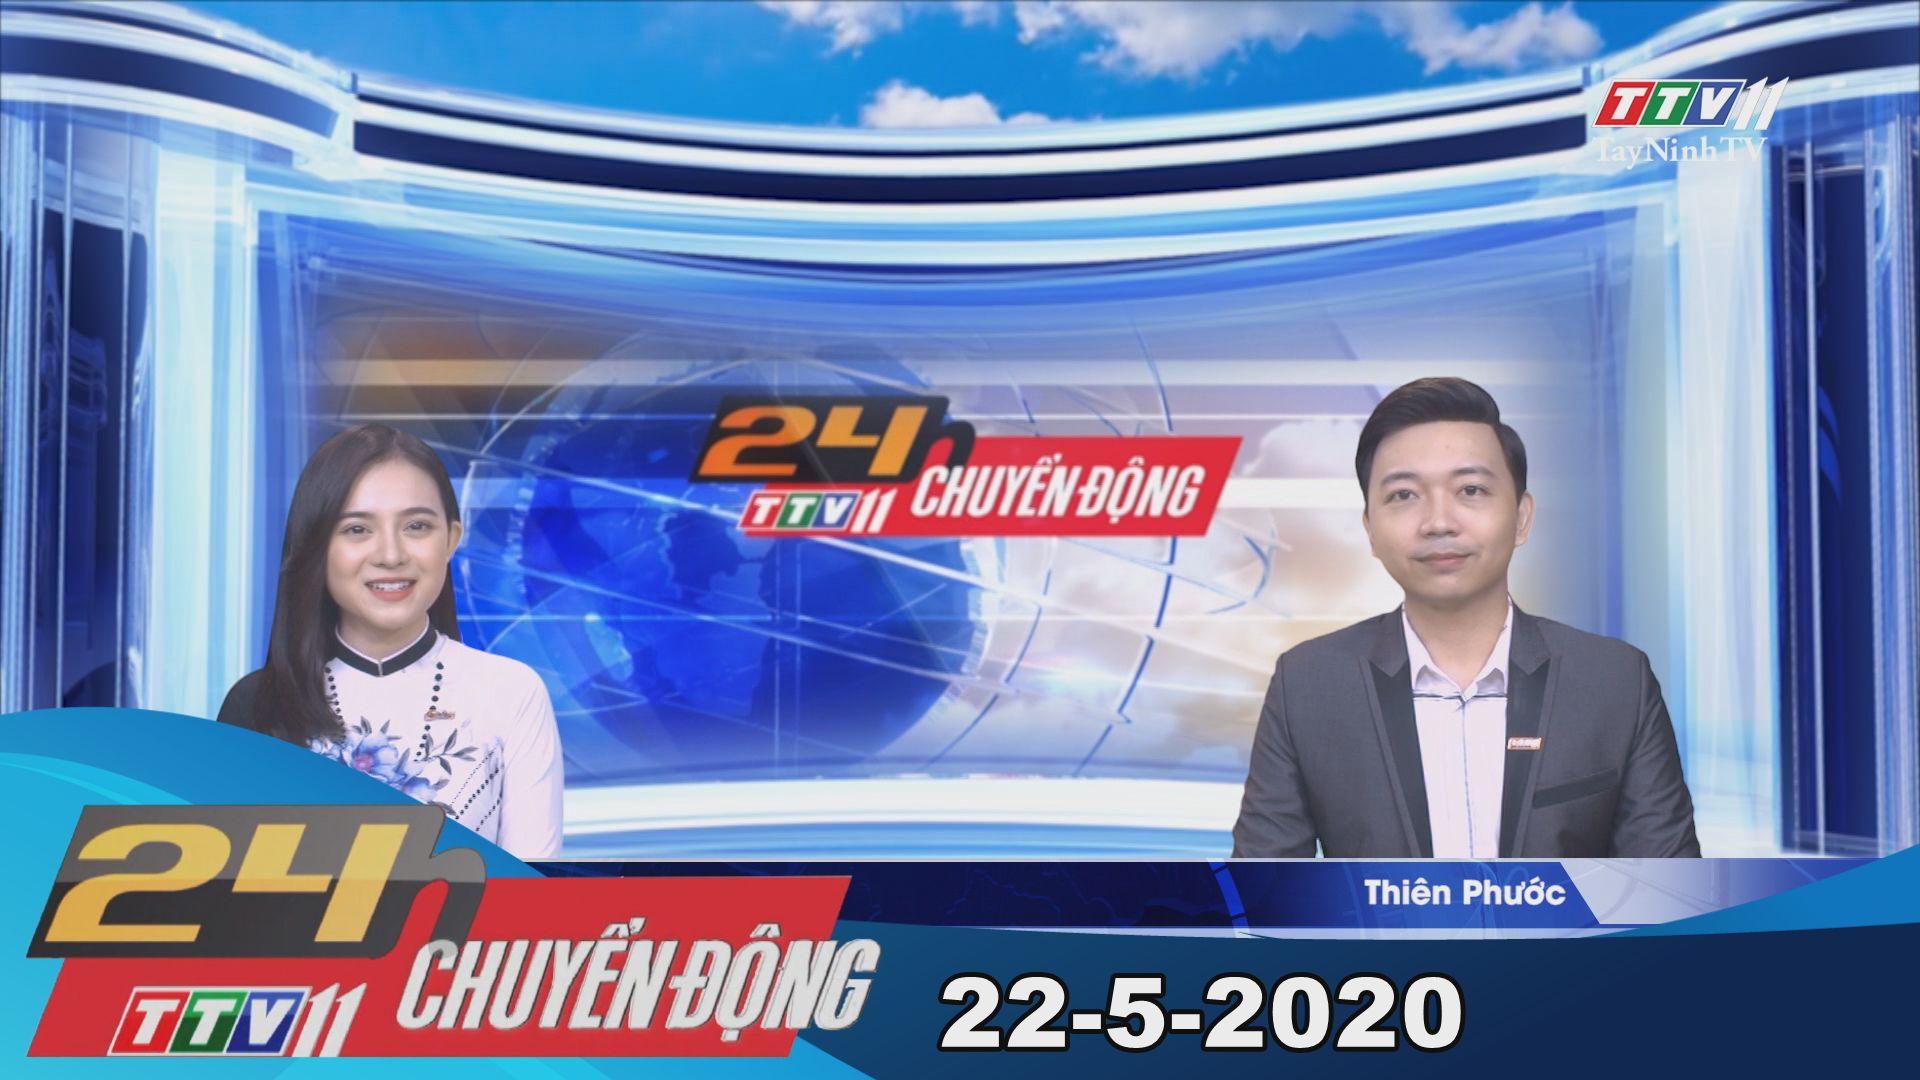 24h Chuyển động 22-5-2020 | Tin tức hôm nay | TayNinhTV